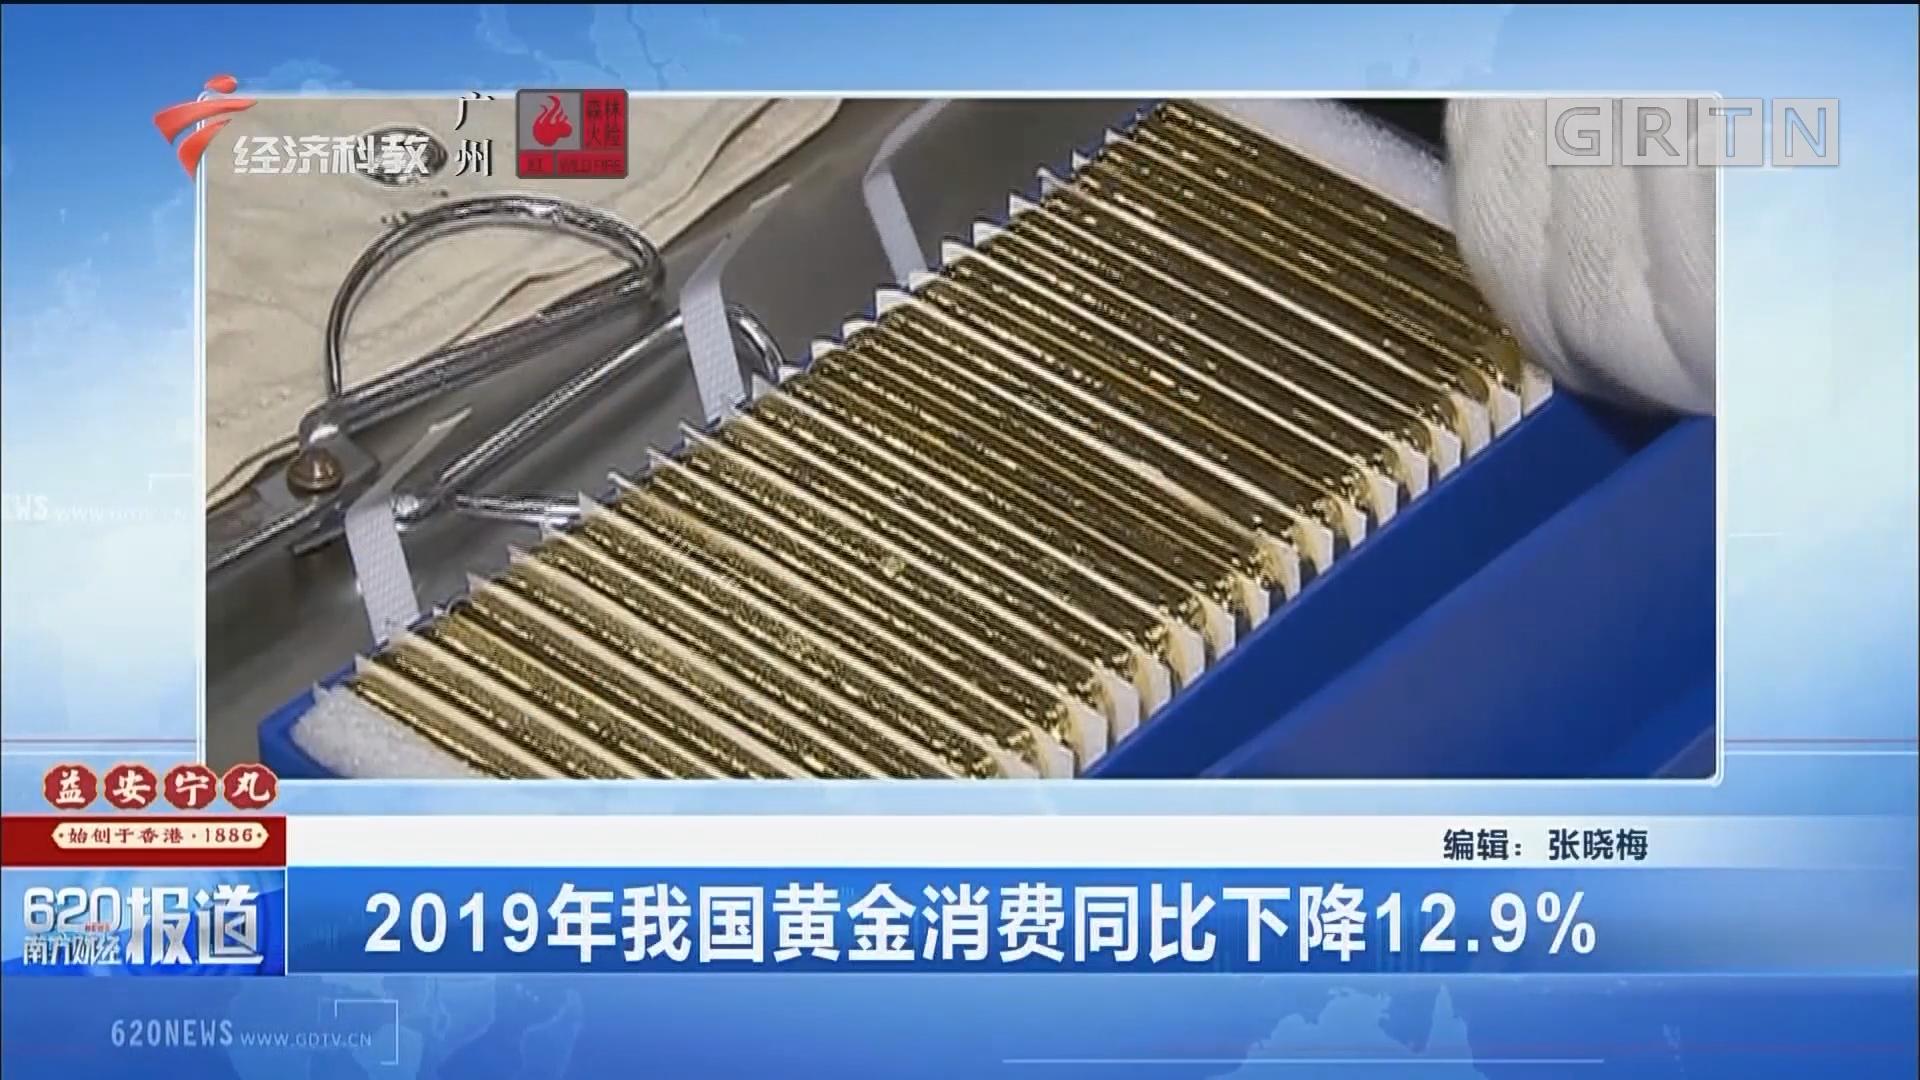 2019年我国黄金消费同比下降12.9%